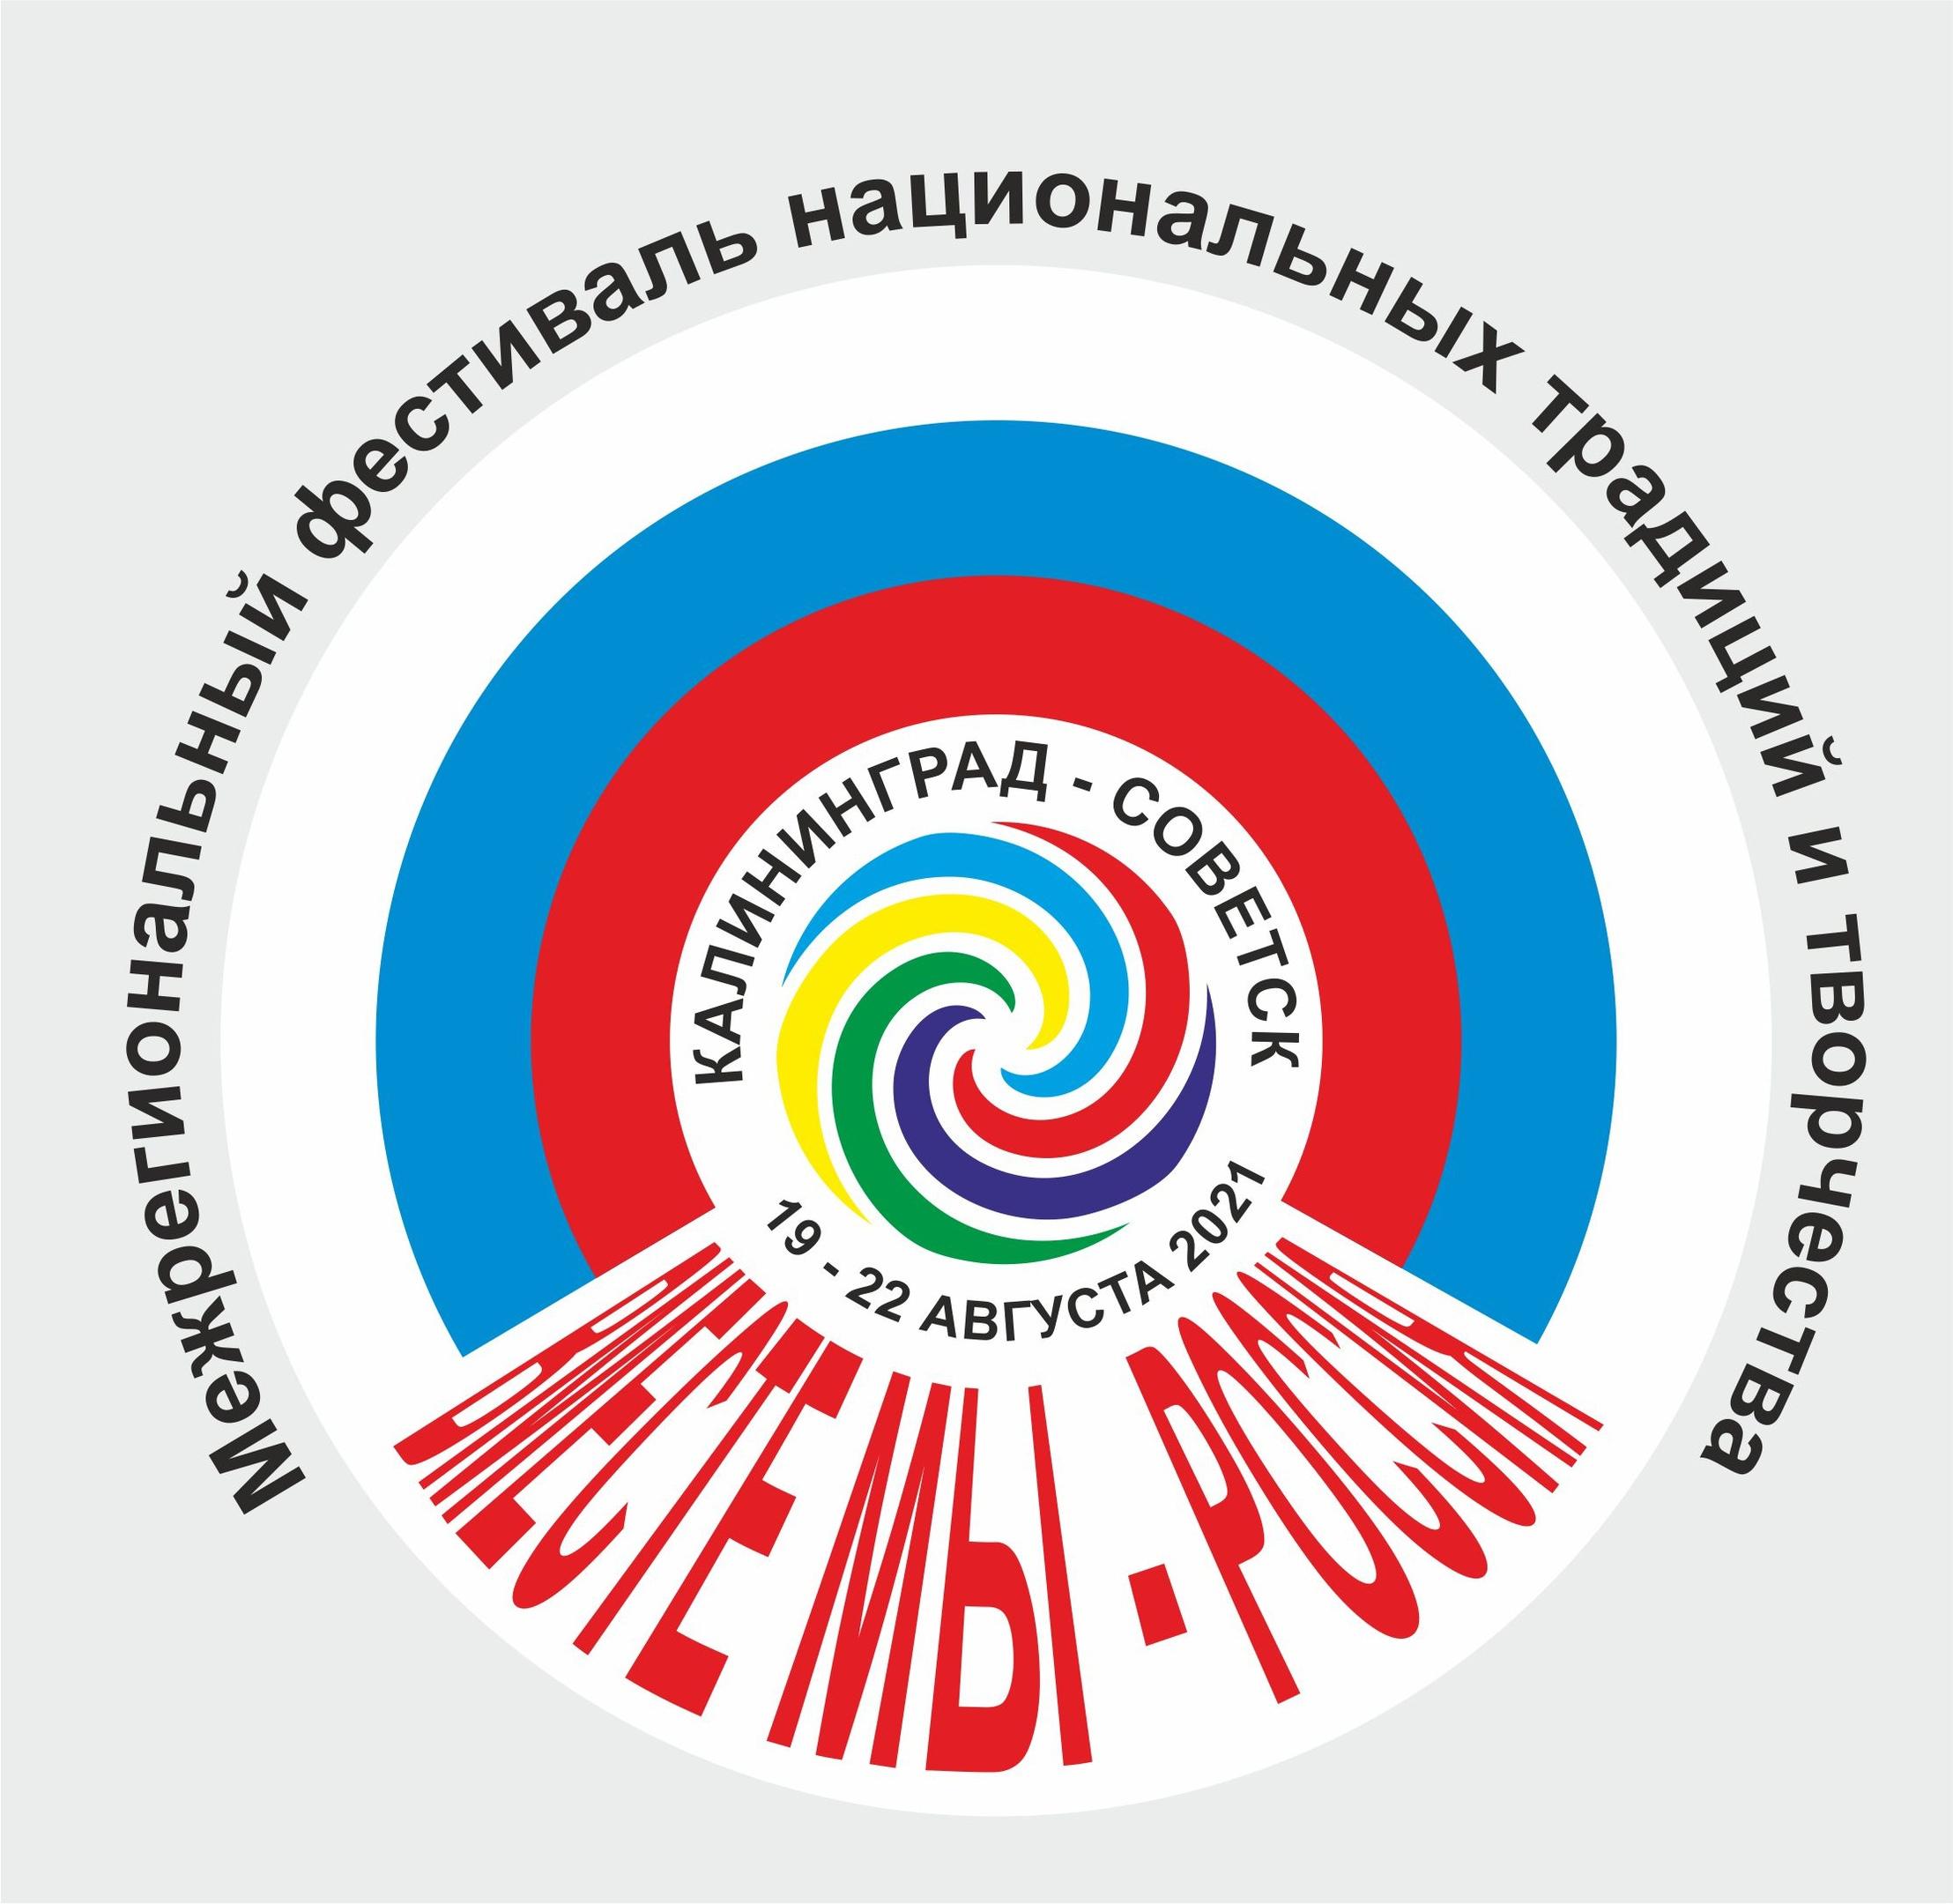 <strong>Директор Астраханского Центра народной культуры приняла участие в Всероссийском фестивале «Вместе мы – Россия»</strong>